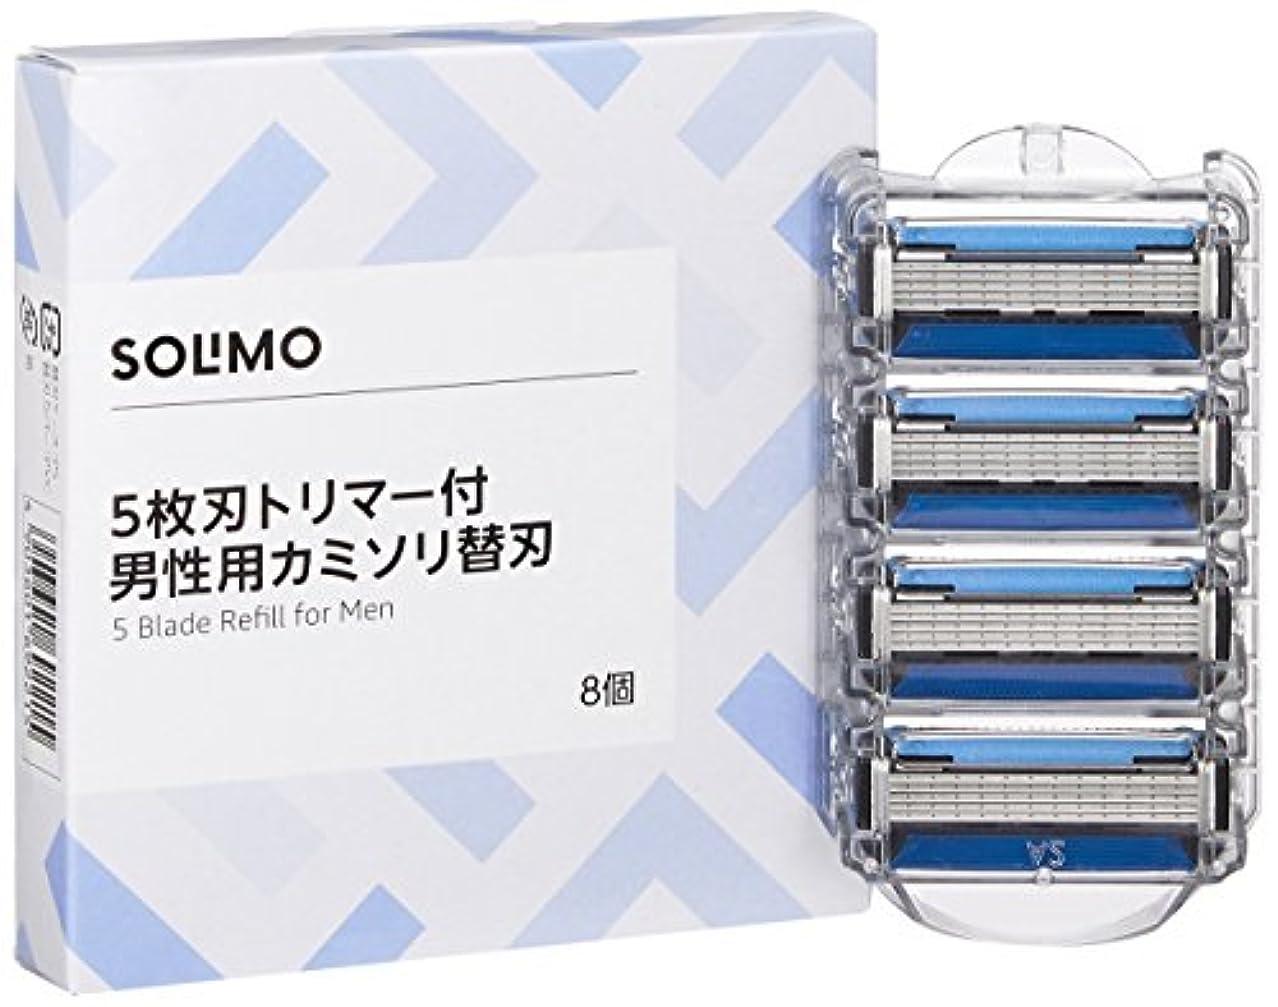 器具ジョージハンブリーバング[Amazonブランド]SOLIMO 5枚刃 トリマー付 男性用 カミソリ替刃8個